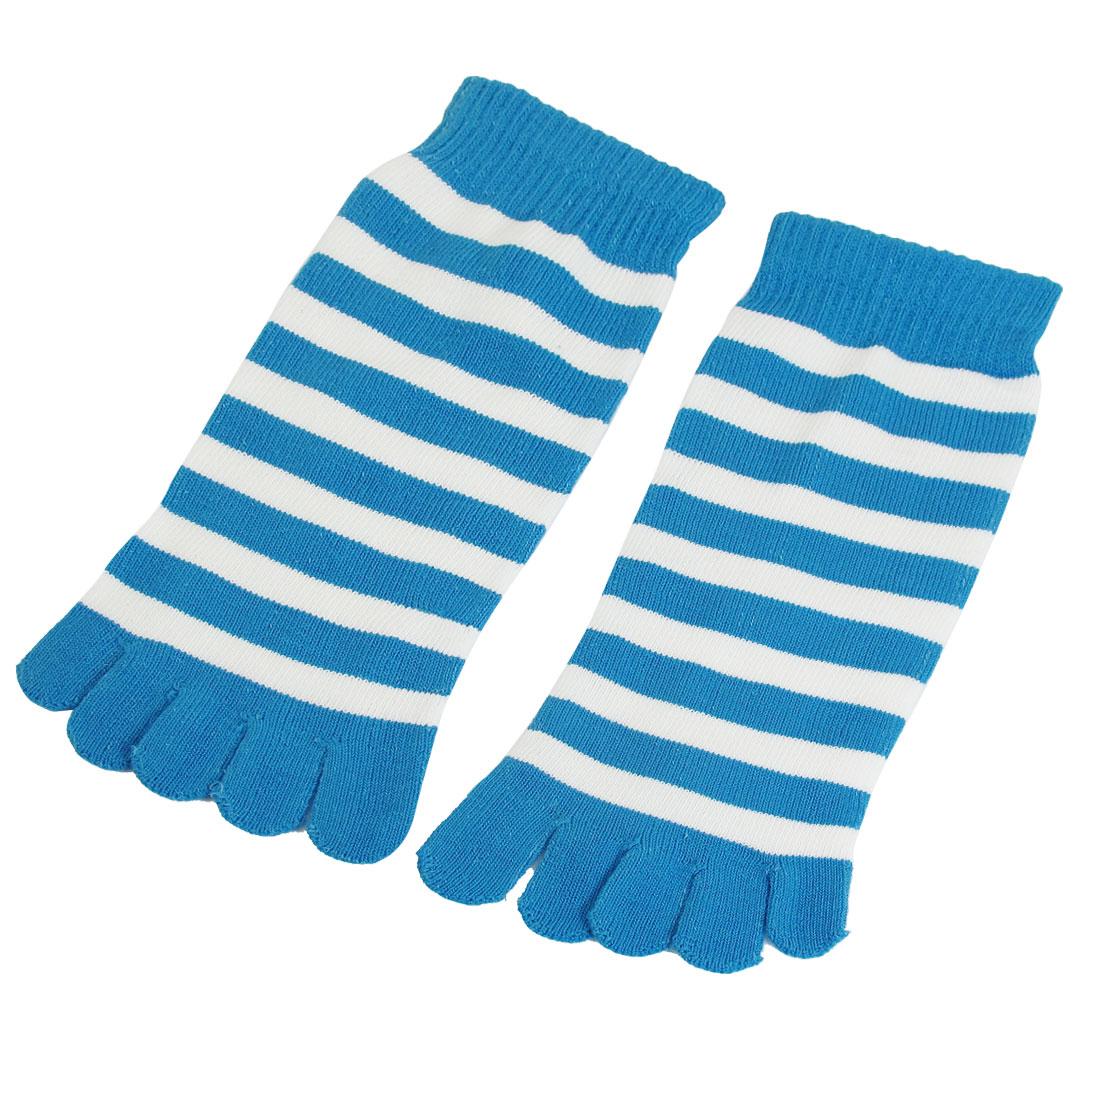 Women White Blue Striped Ankle Length Funny Feet Toe Socks Pair